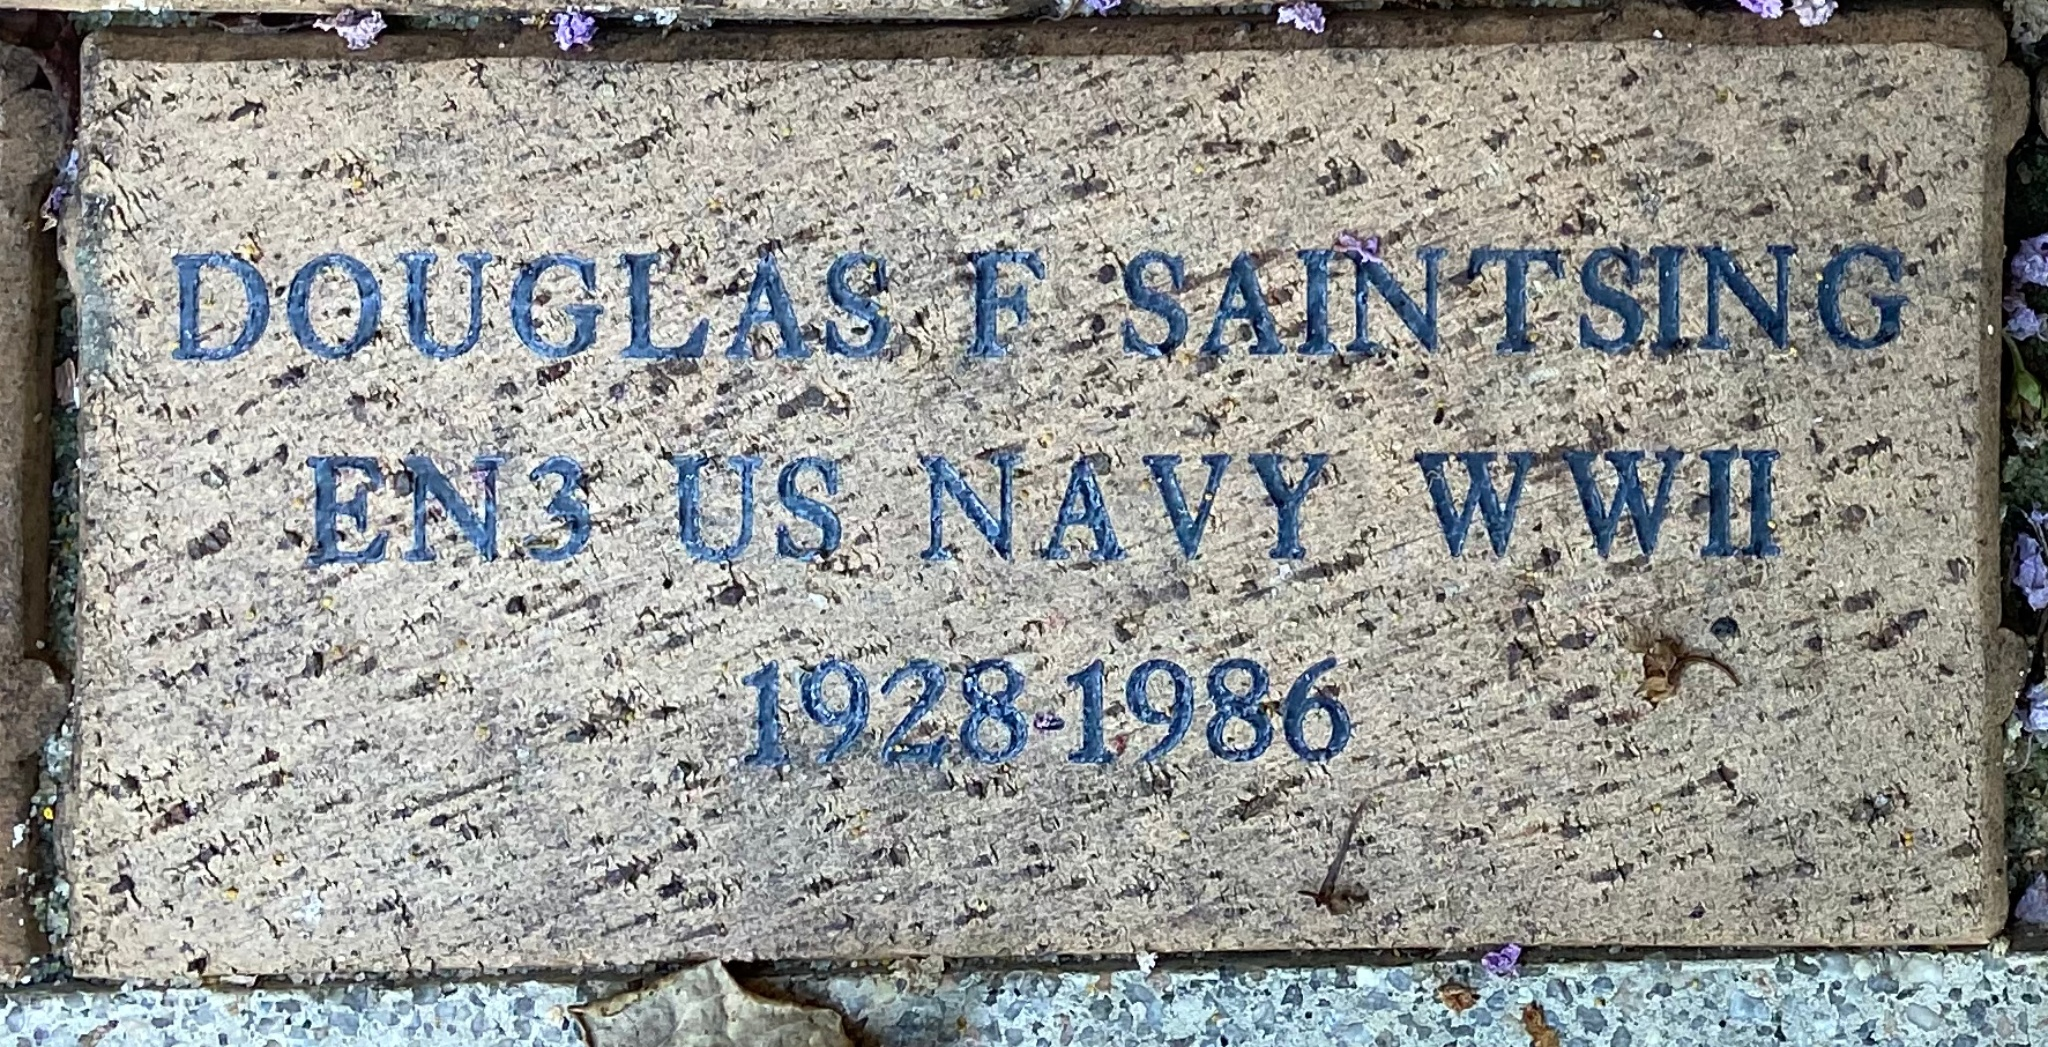 DOUGLAS F. SAINTSING EN3 US NAVY WWII 1928-1986